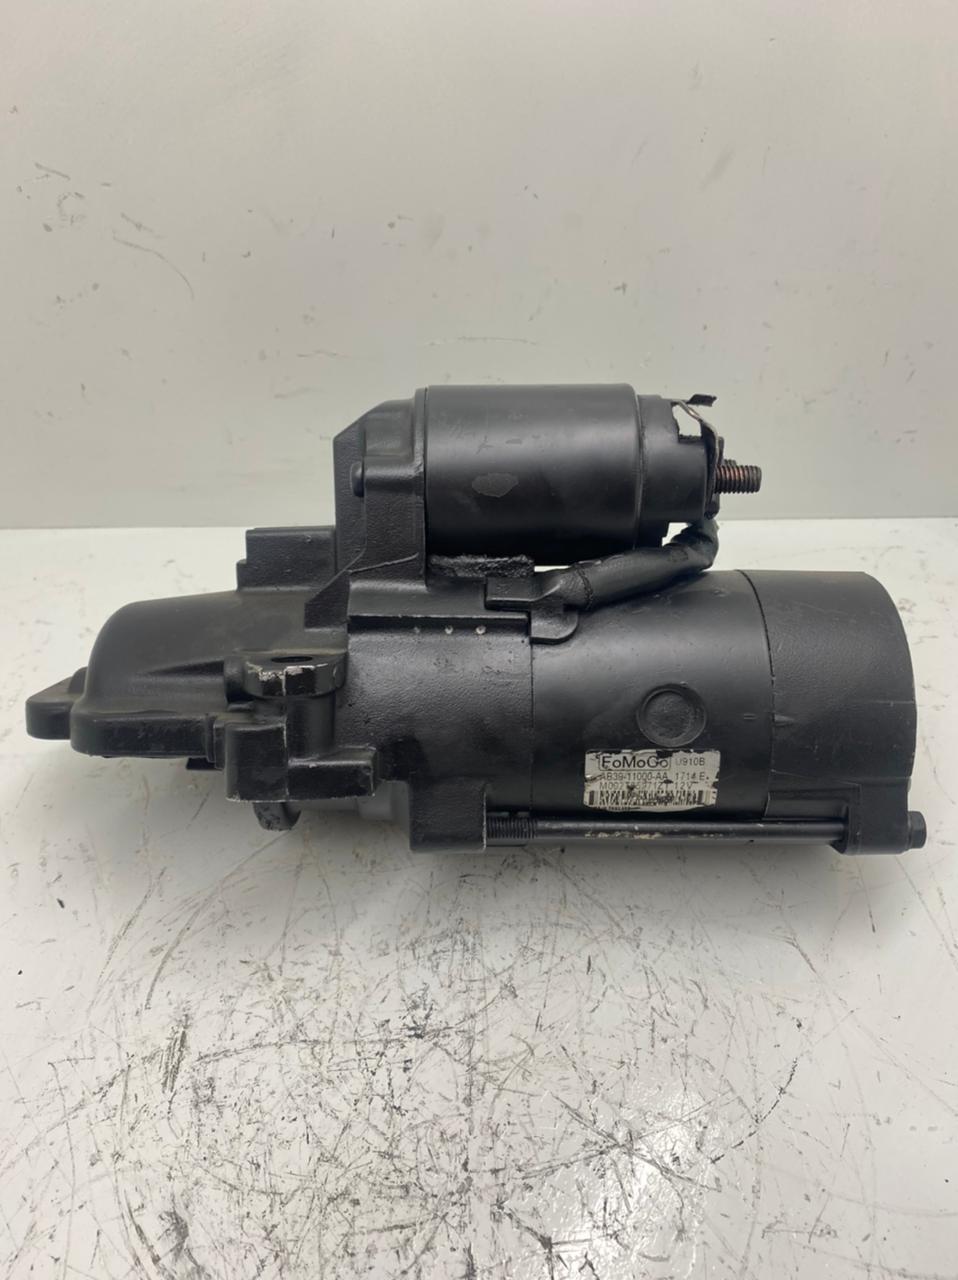 MOTOR DE PARTIDA ARRANQUE 12D 12V FORD RANGER 3.2 2.2 2.5 AB3911000AA AB3911000BA M002T85971 M002T85971ZT M002T86071 M002T86071Z